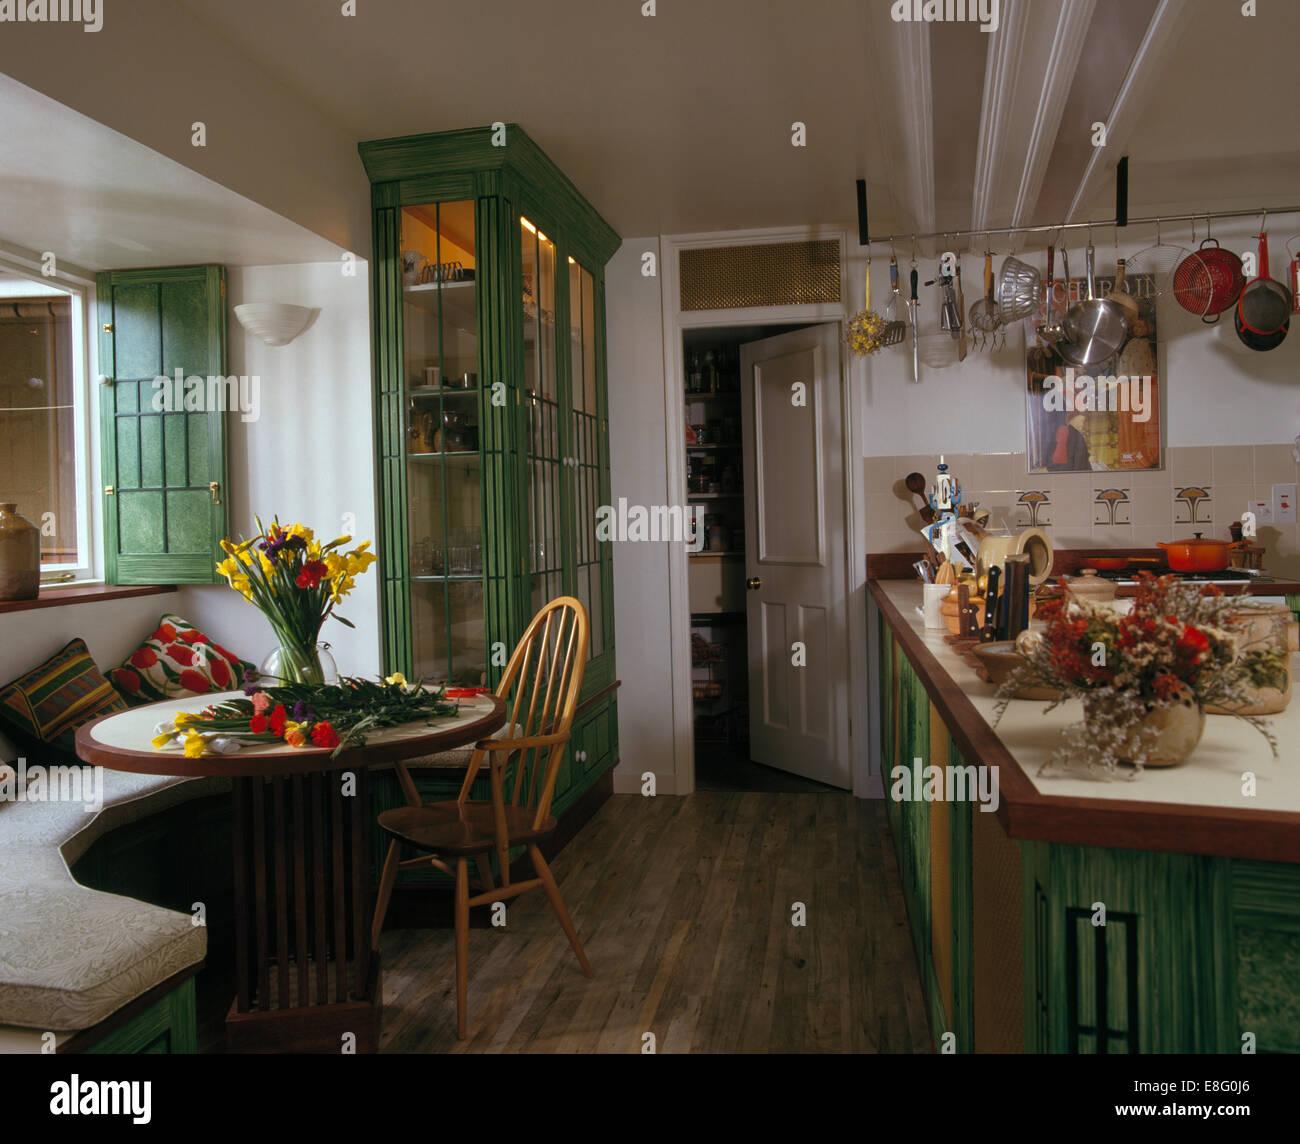 Kitchen banquette immagini kitchen banquette fotos stock alamy - Panca e tavolo cucina ...